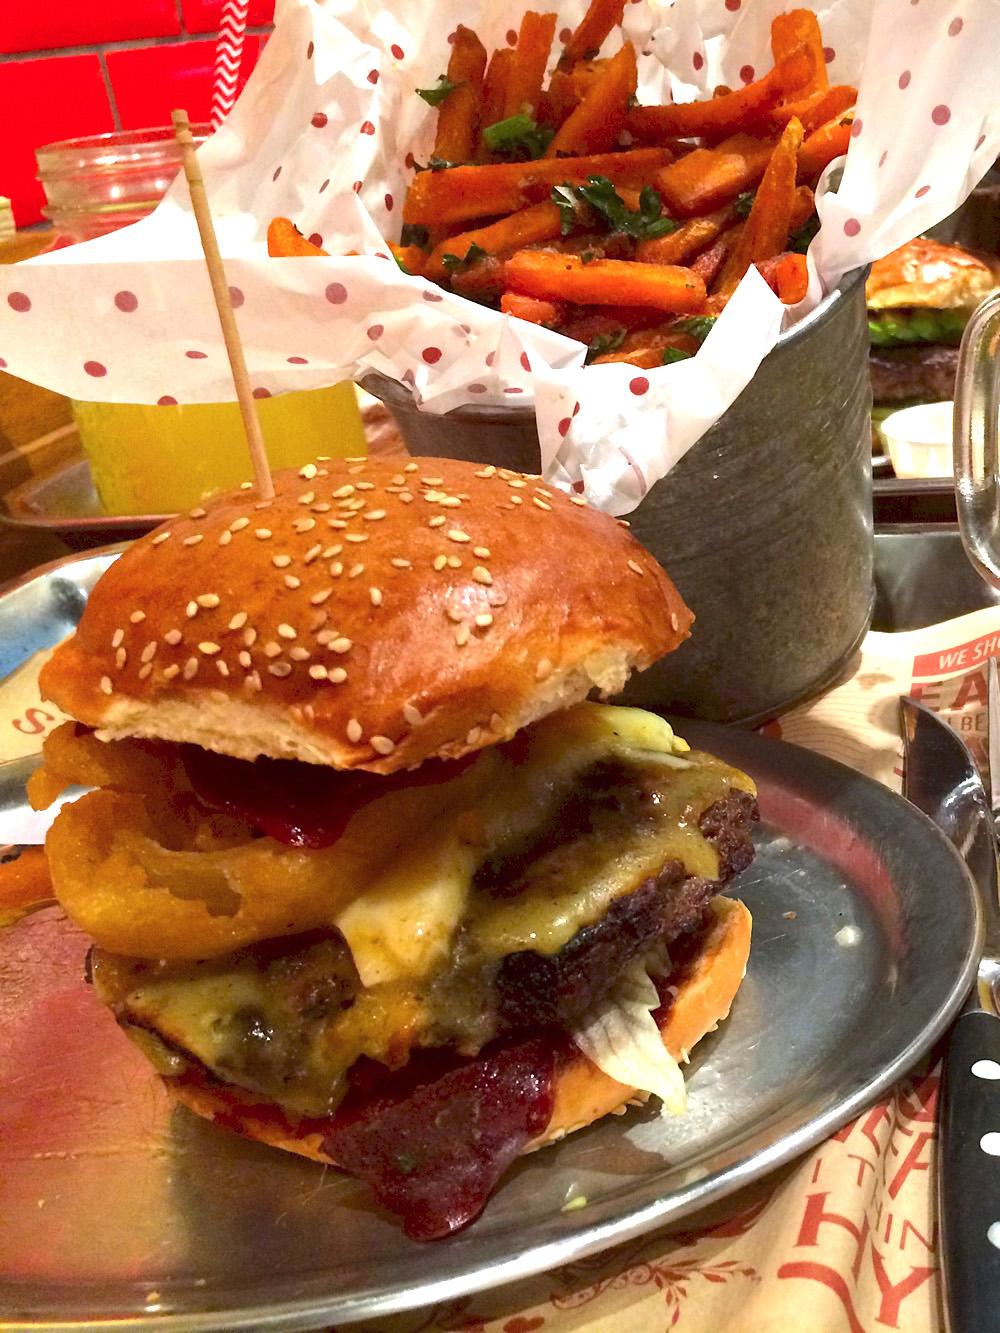 beste burger l den in d sseldorf restaurant insider tipps top 5. Black Bedroom Furniture Sets. Home Design Ideas